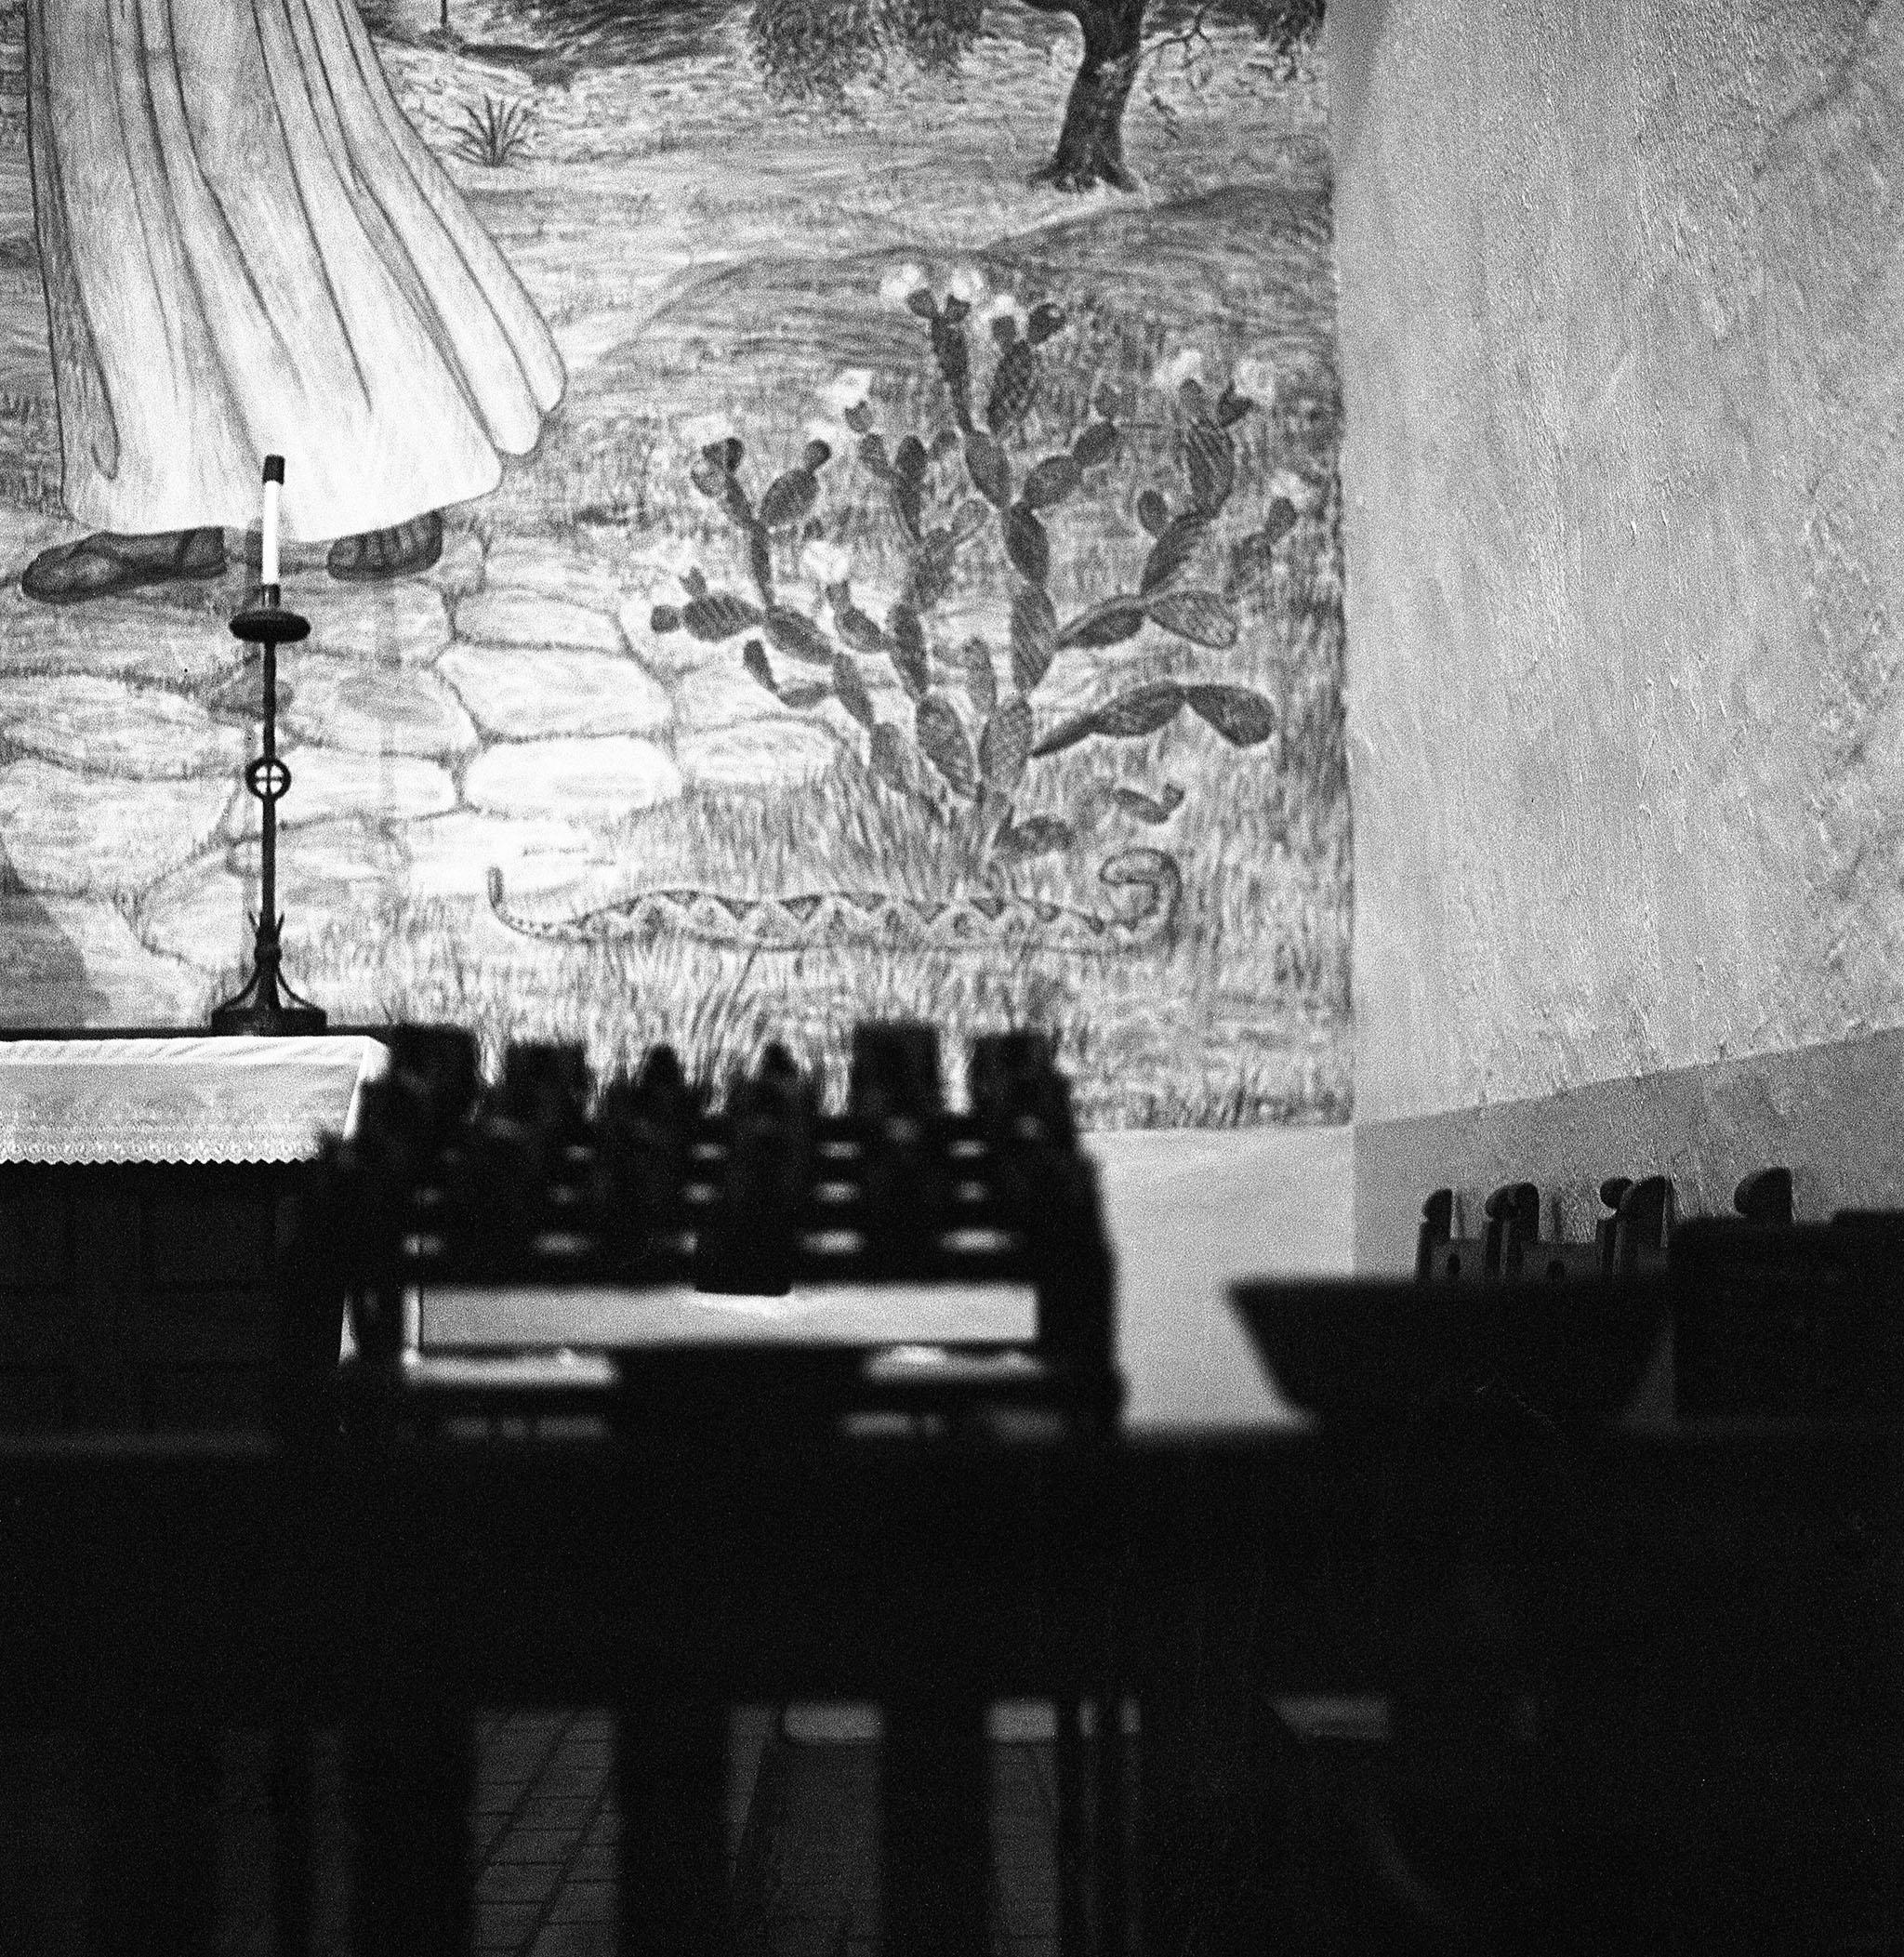 Amy Jasek | Goliad | Hasselblad 500 c/m | Kodak Tri-X